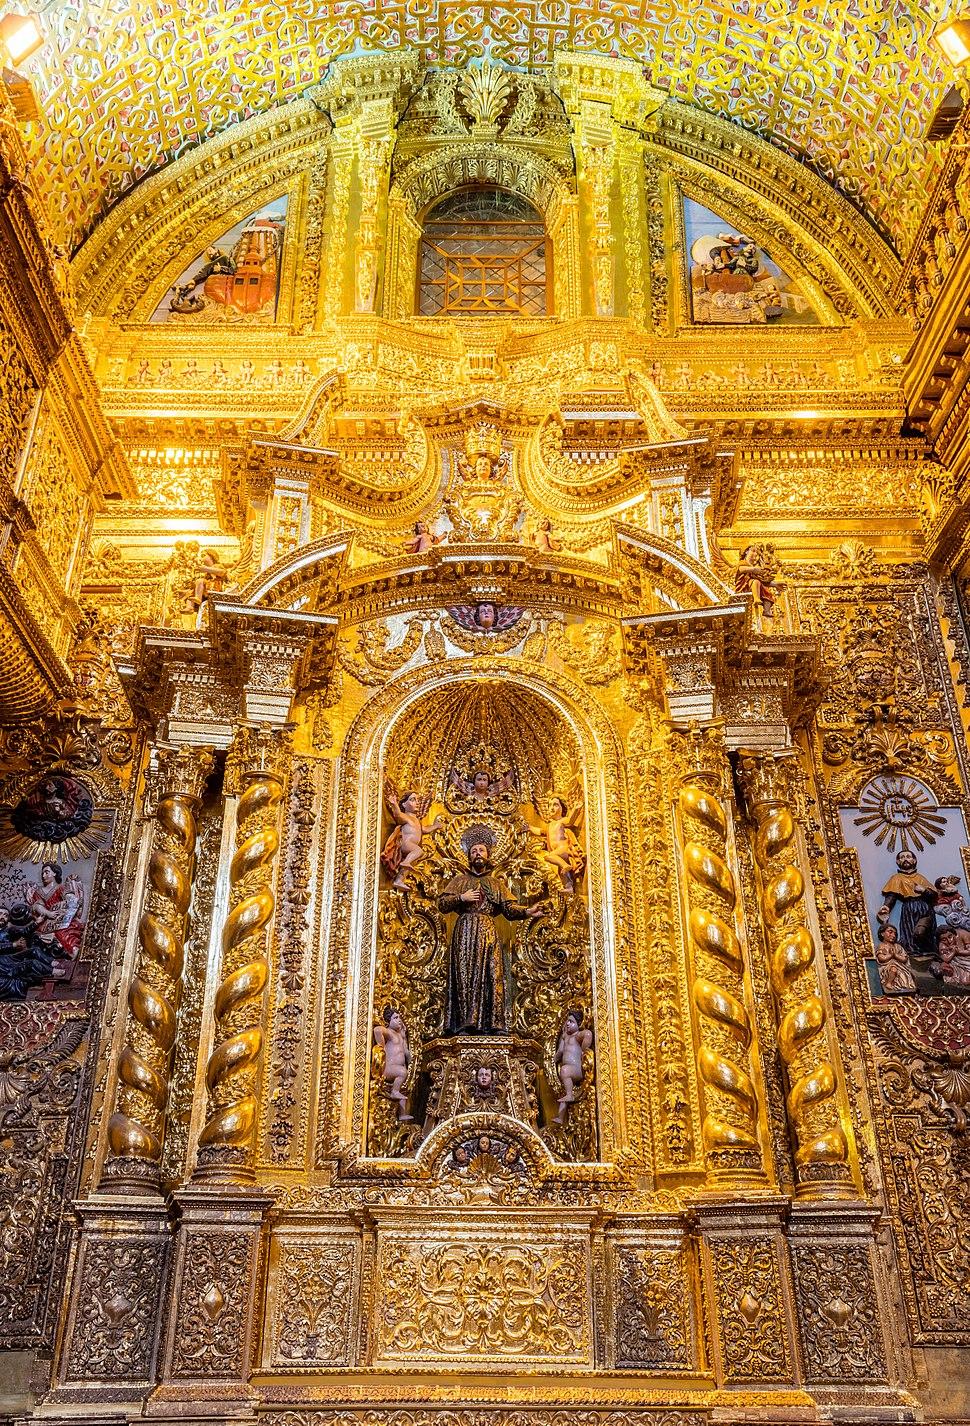 Iglesia de La Compañía, Quito, Ecuador, 2015-07-22, DD 134-136 HDR